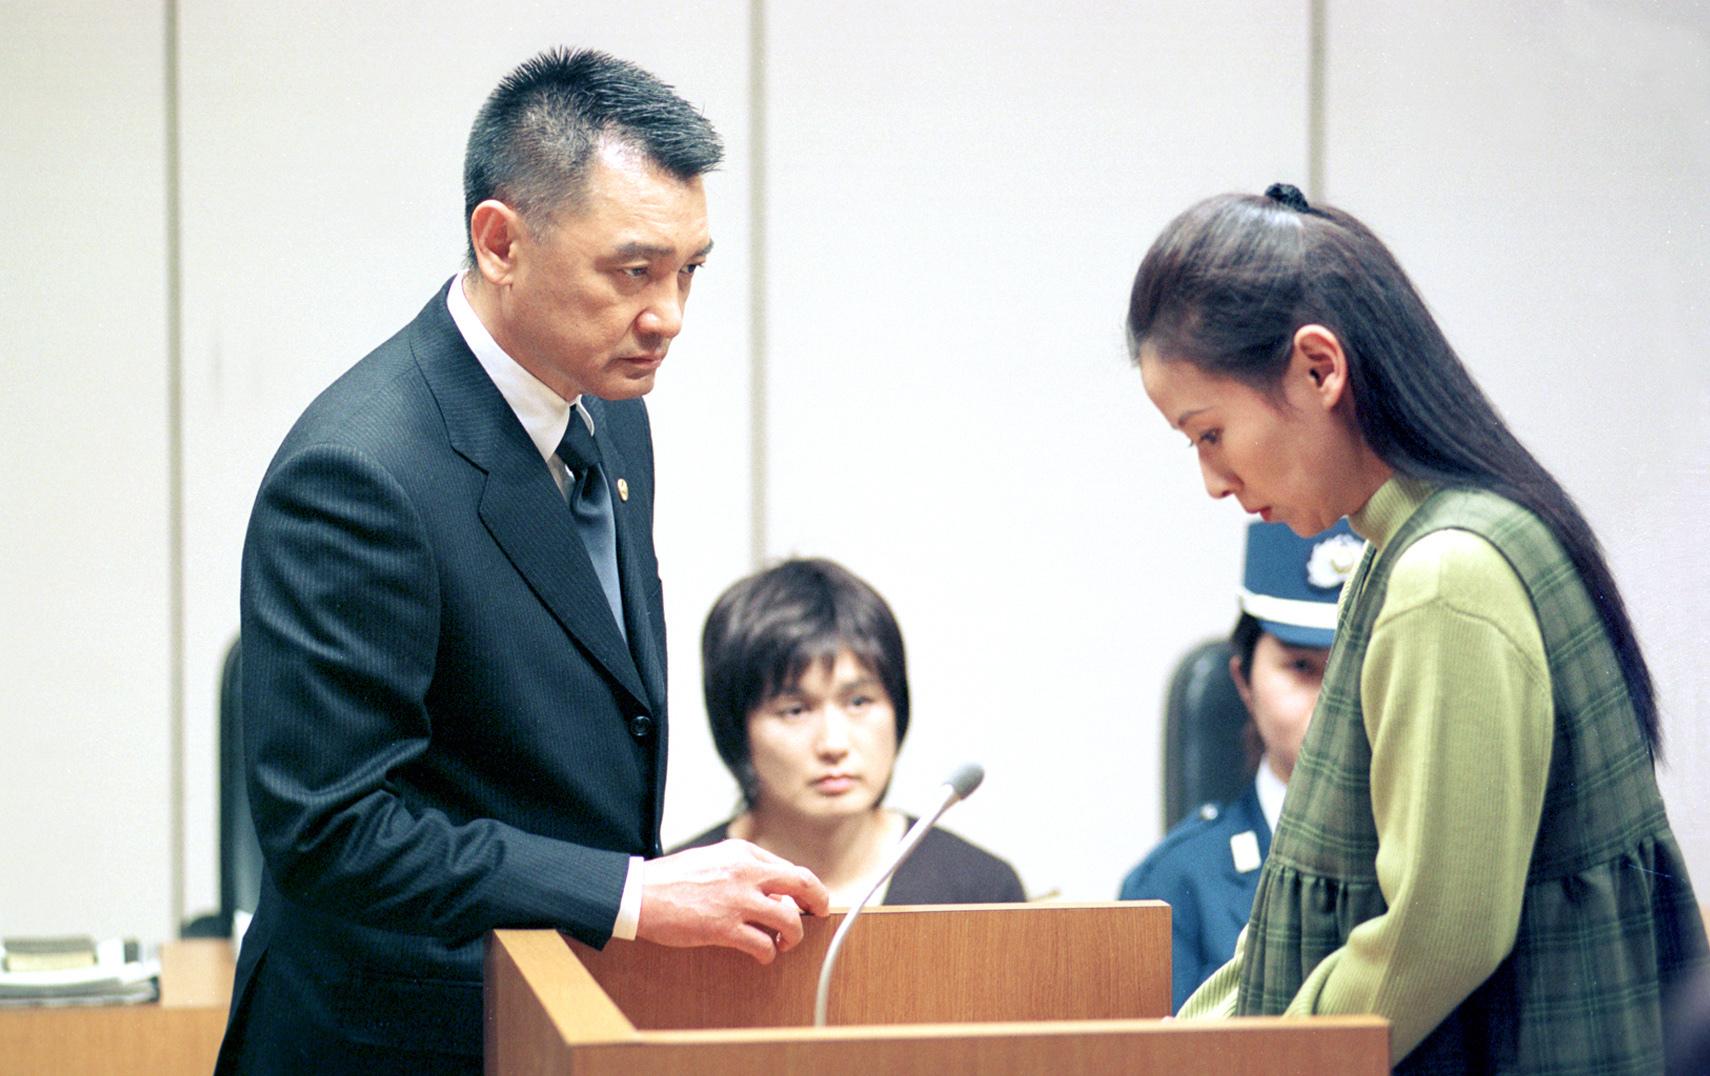 『坊さん弁護士・郷田夢栄2 被告席に立つ女』